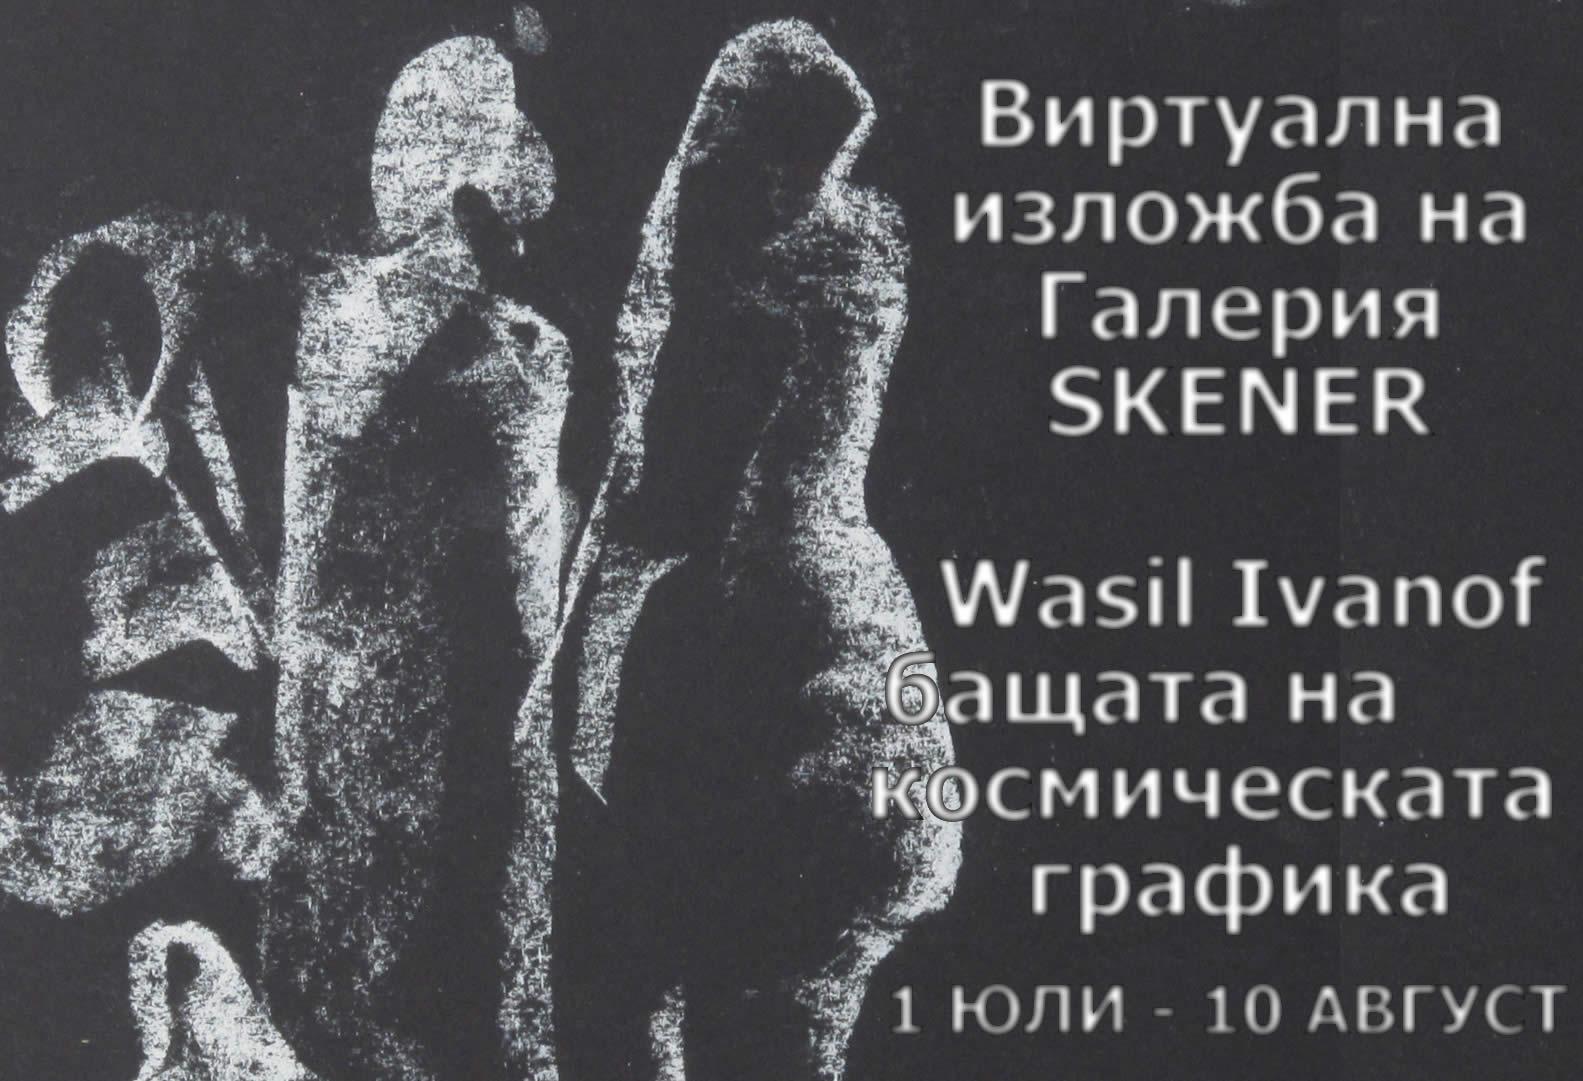 Васил Иванов – бащата на космическата графика